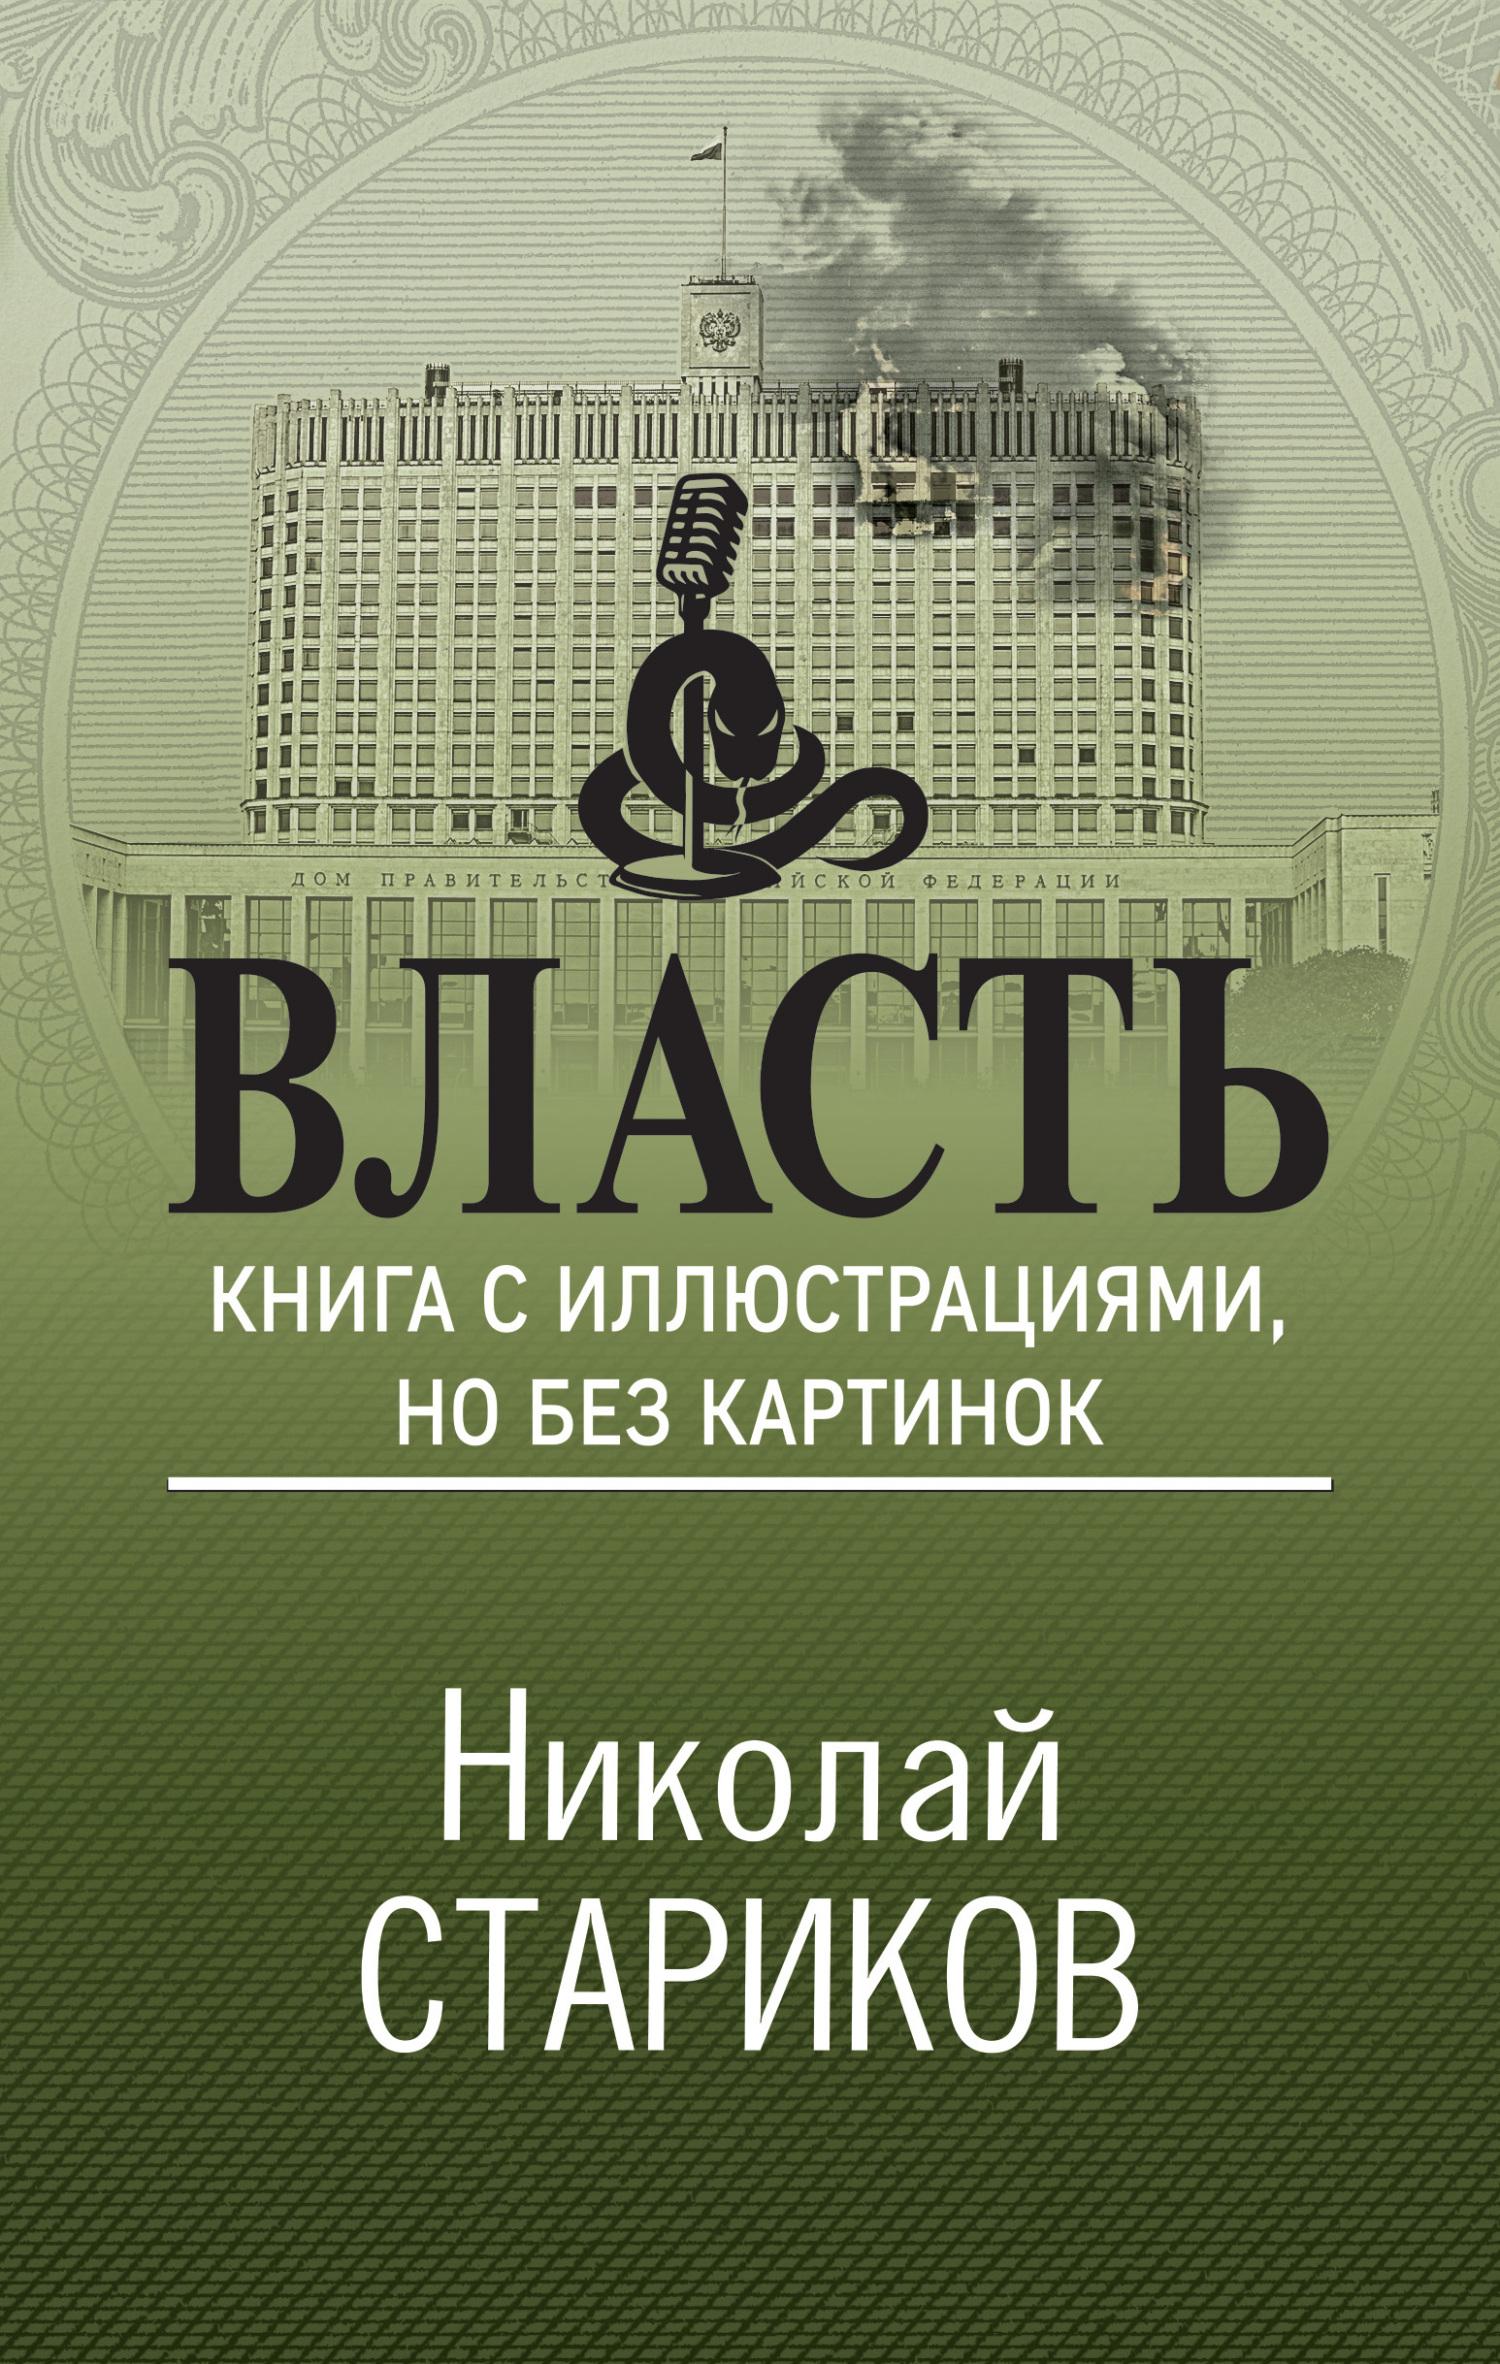 Николай Стариков Власть николай стариков лаконизмы политика власть общество